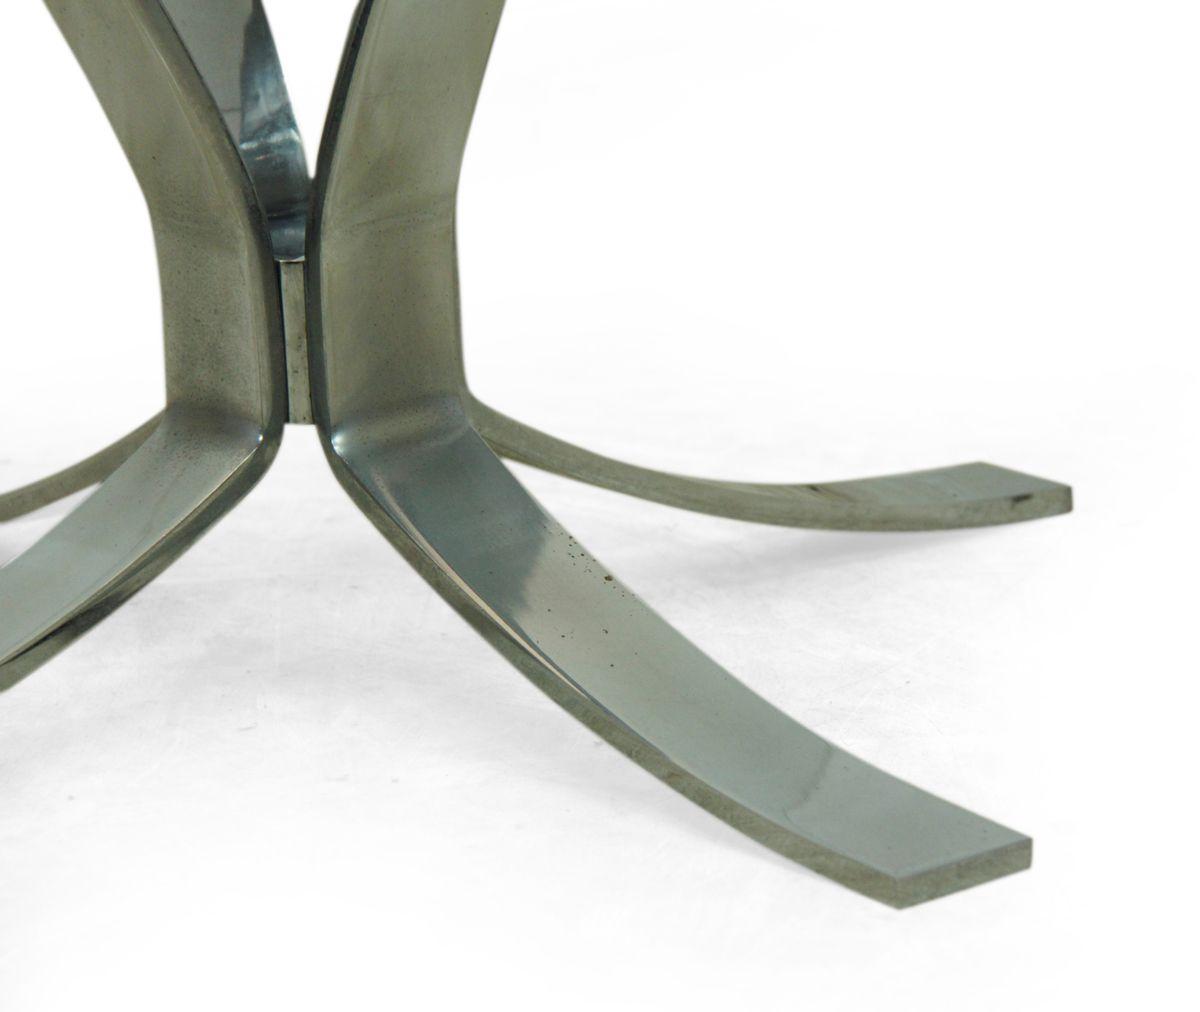 couchtisch glas chrom inspirierendes design f r wohnm bel. Black Bedroom Furniture Sets. Home Design Ideas